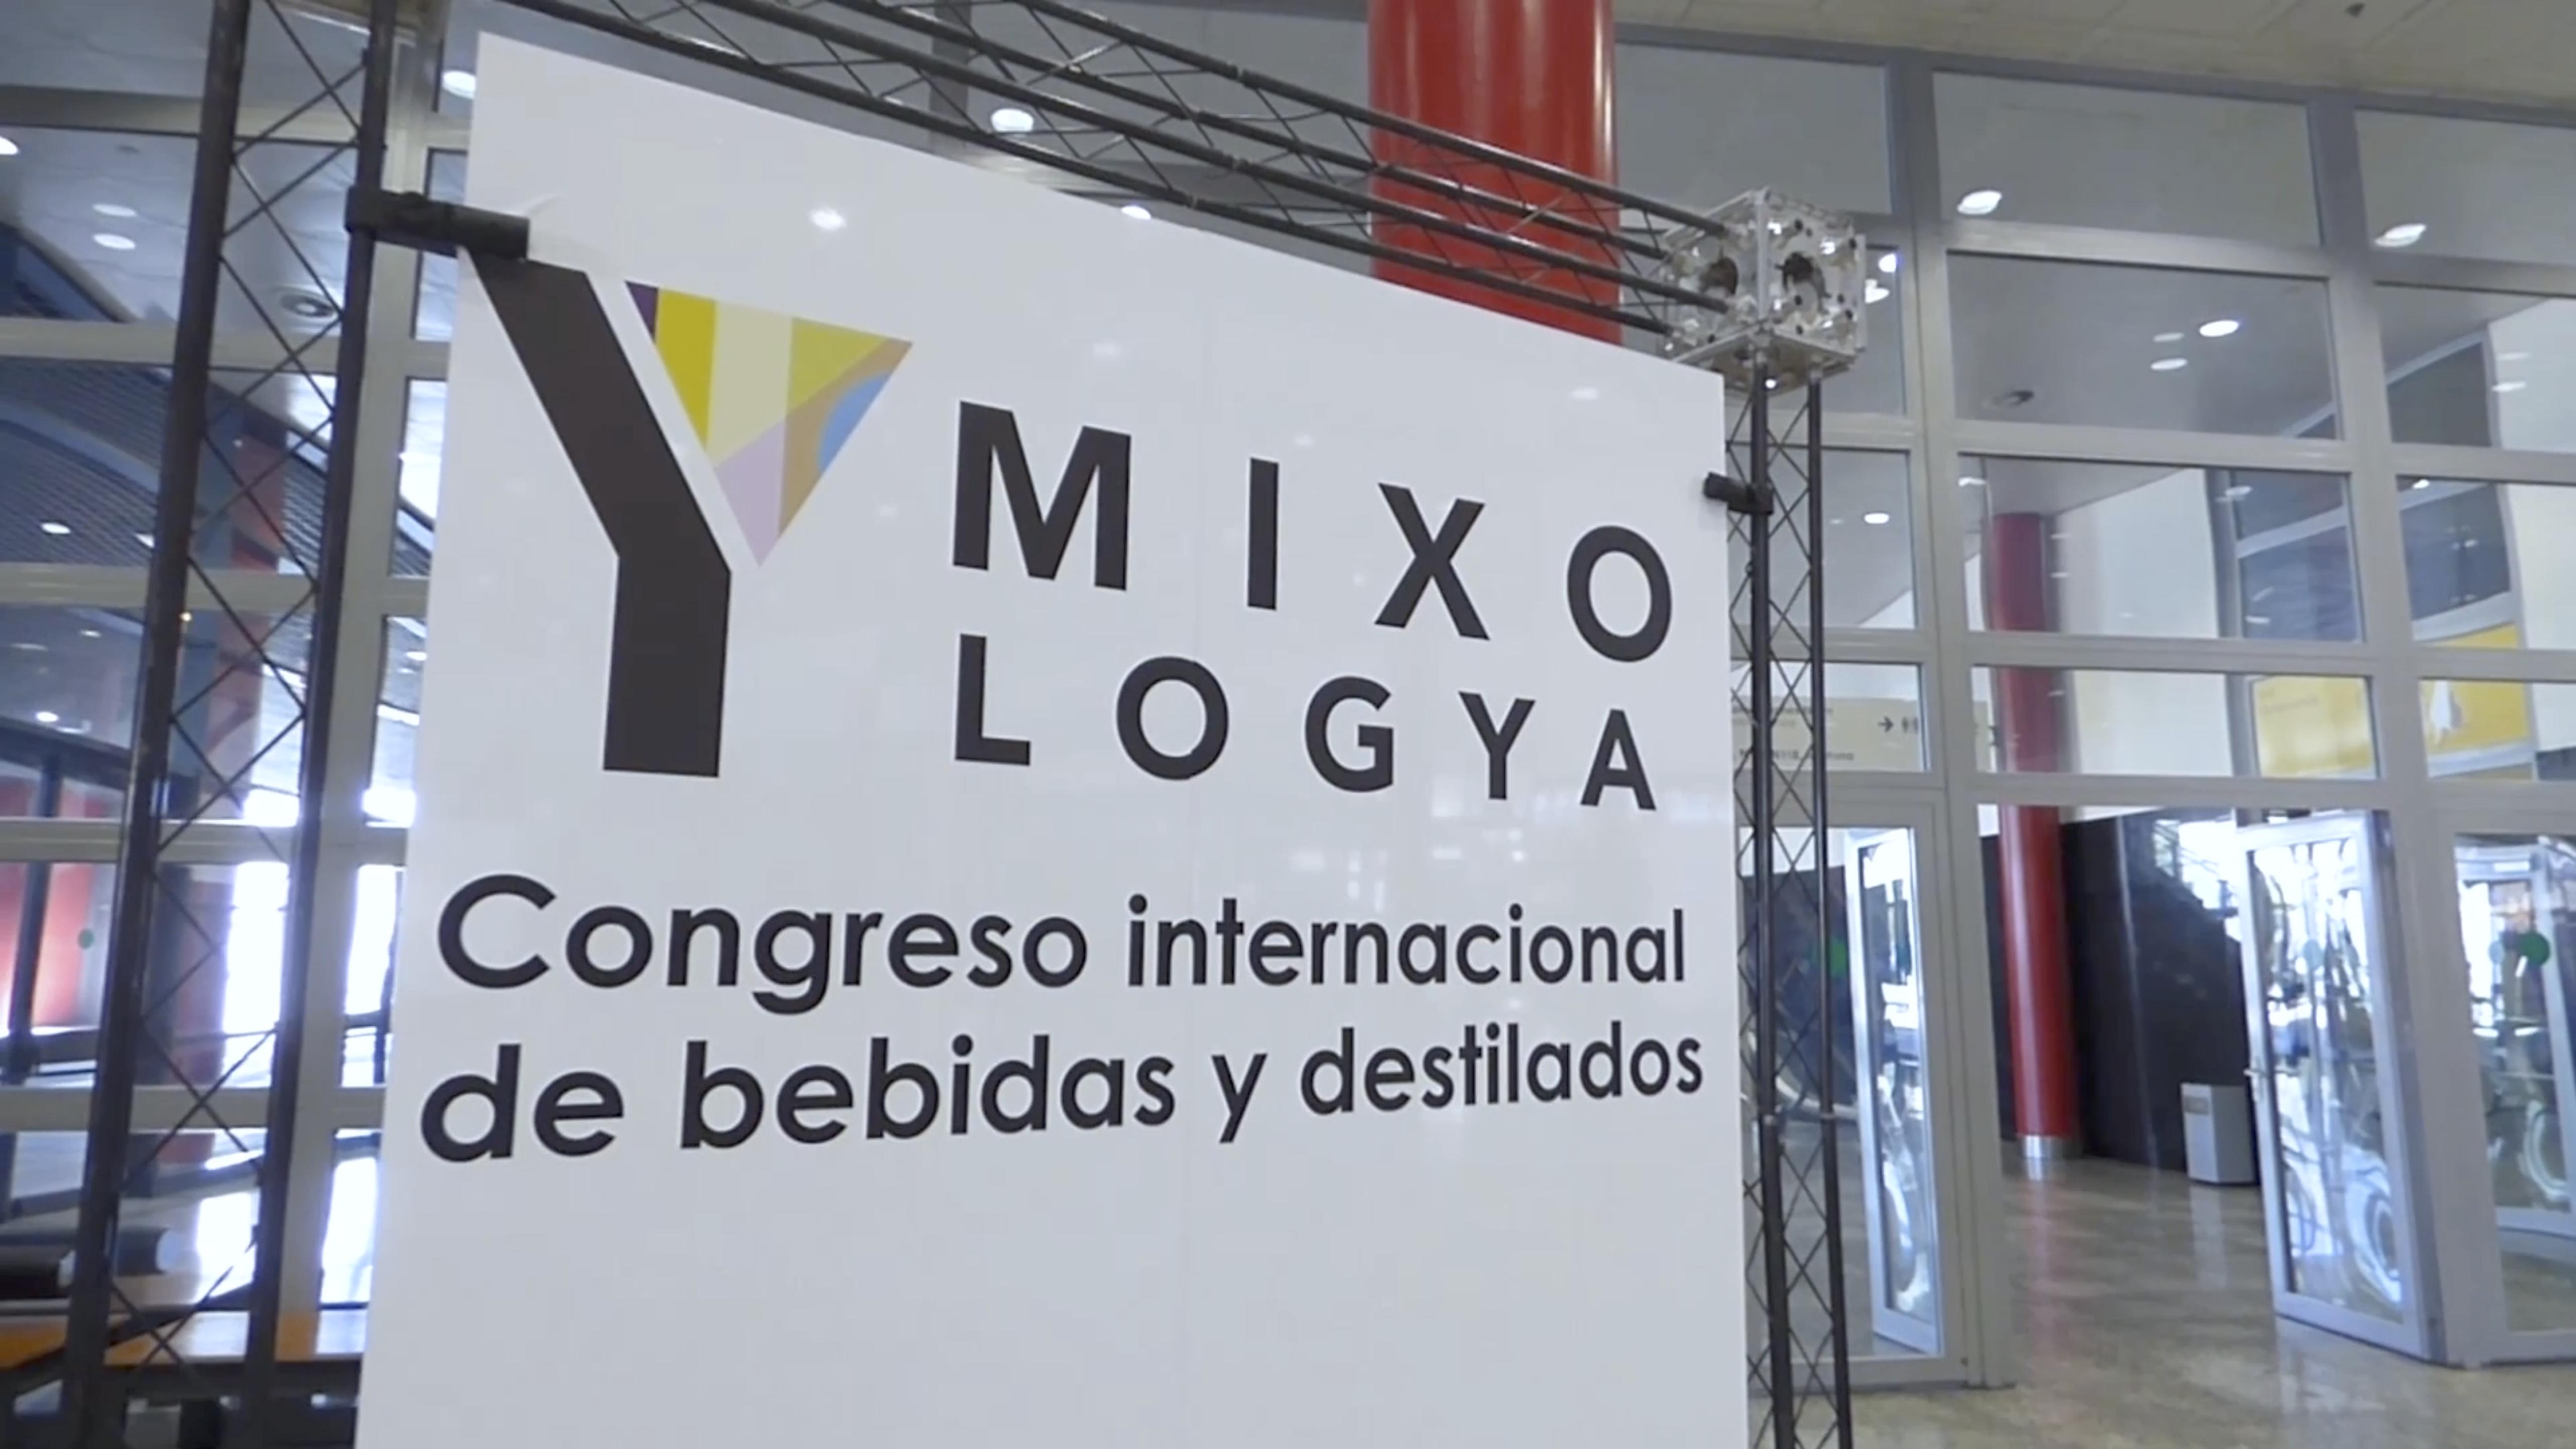 mixologya